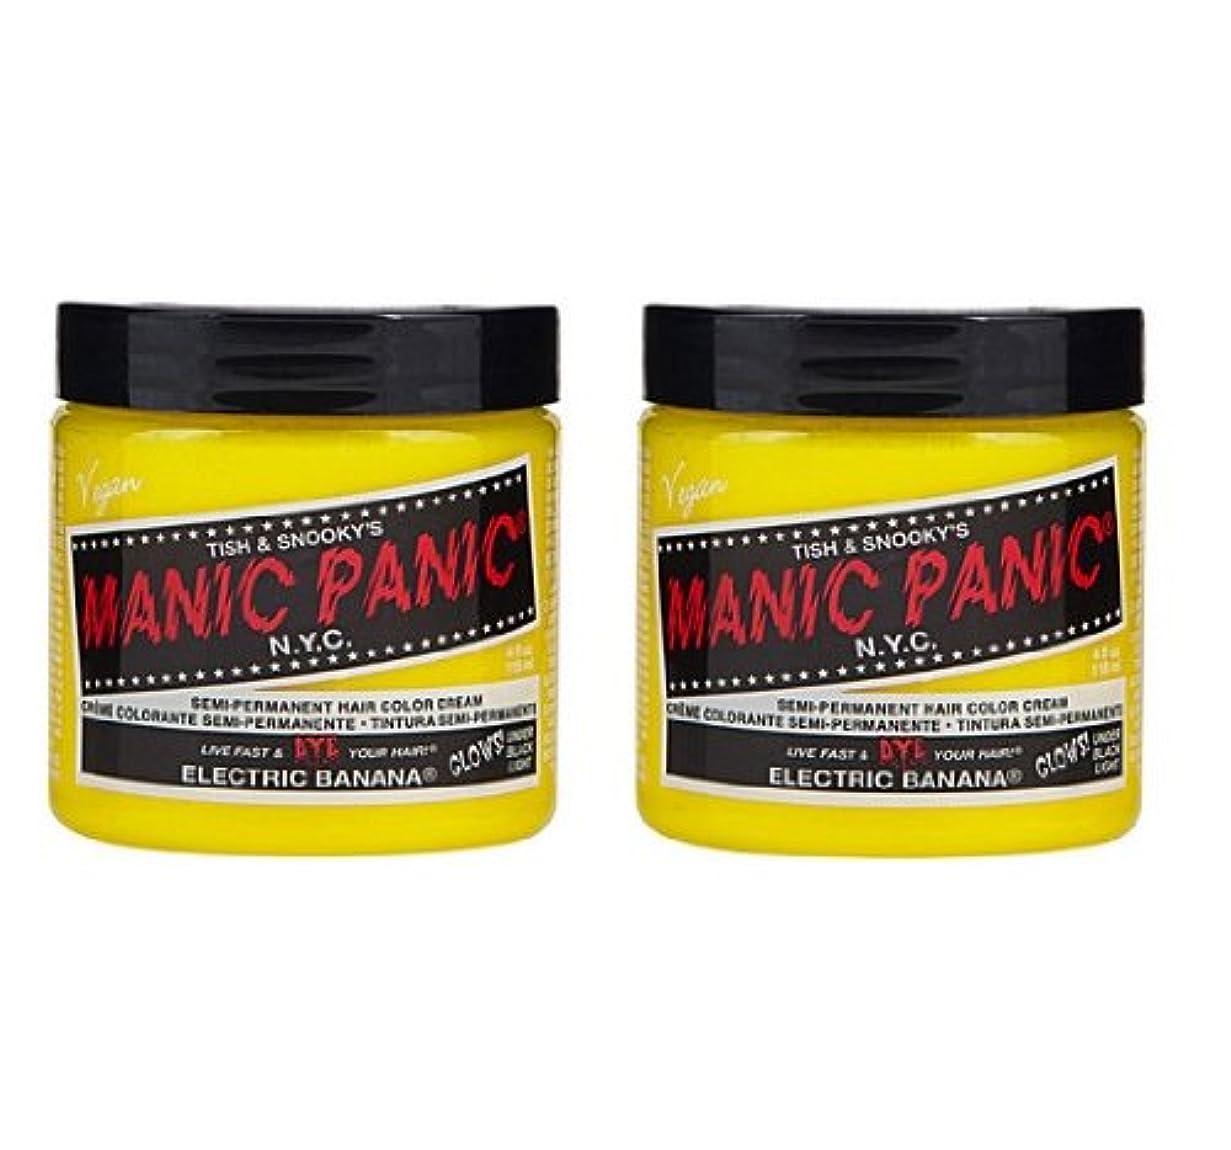 【2個セット】MANIC PANIC マニックパニック Electric Banana エレクトリックバナナ 118ml